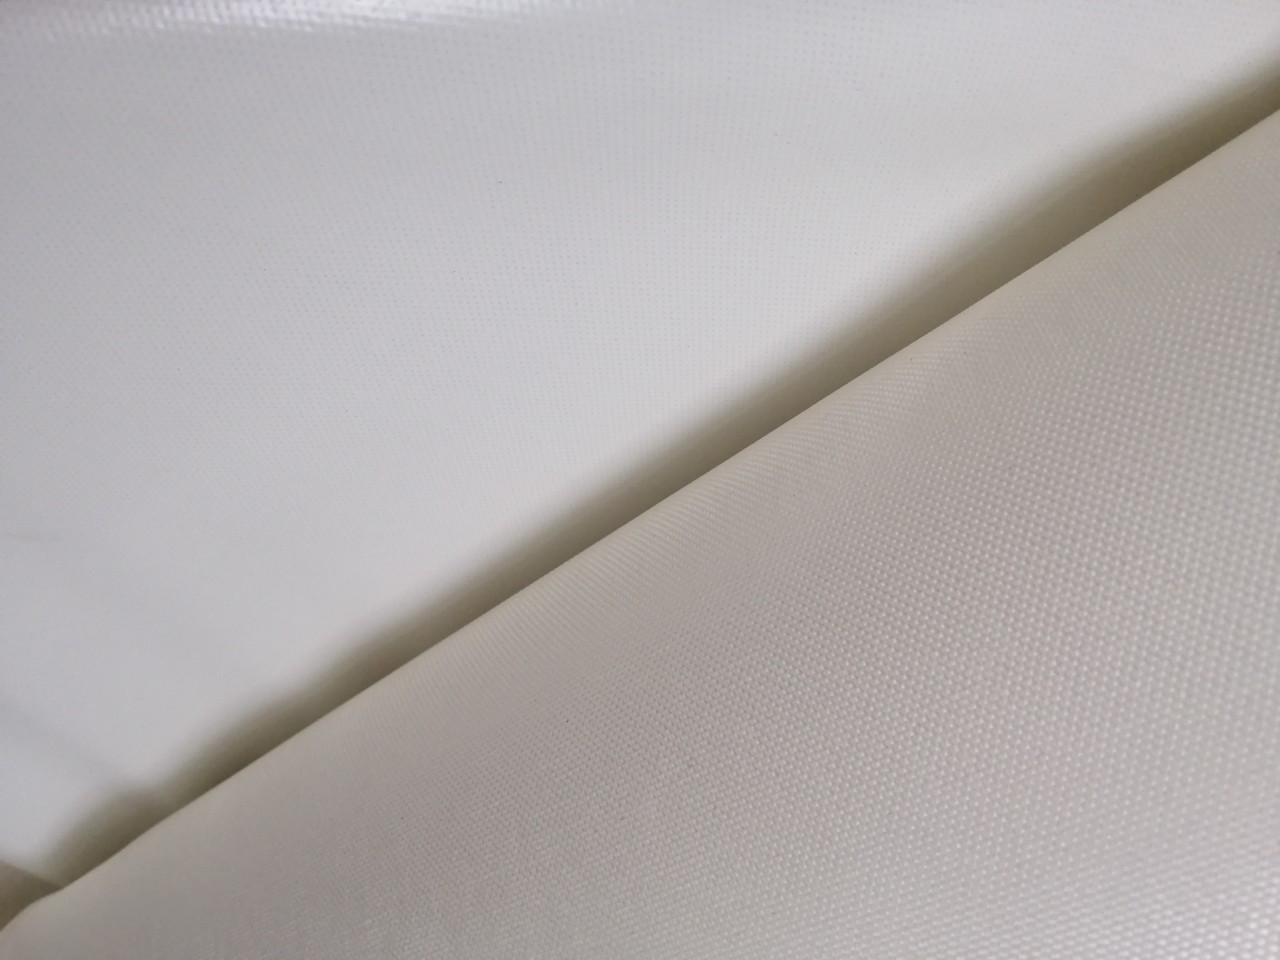 Ткань прорезненная белая для пошива чехлов, тентов, сумок, спецодежды ширина 2.60м